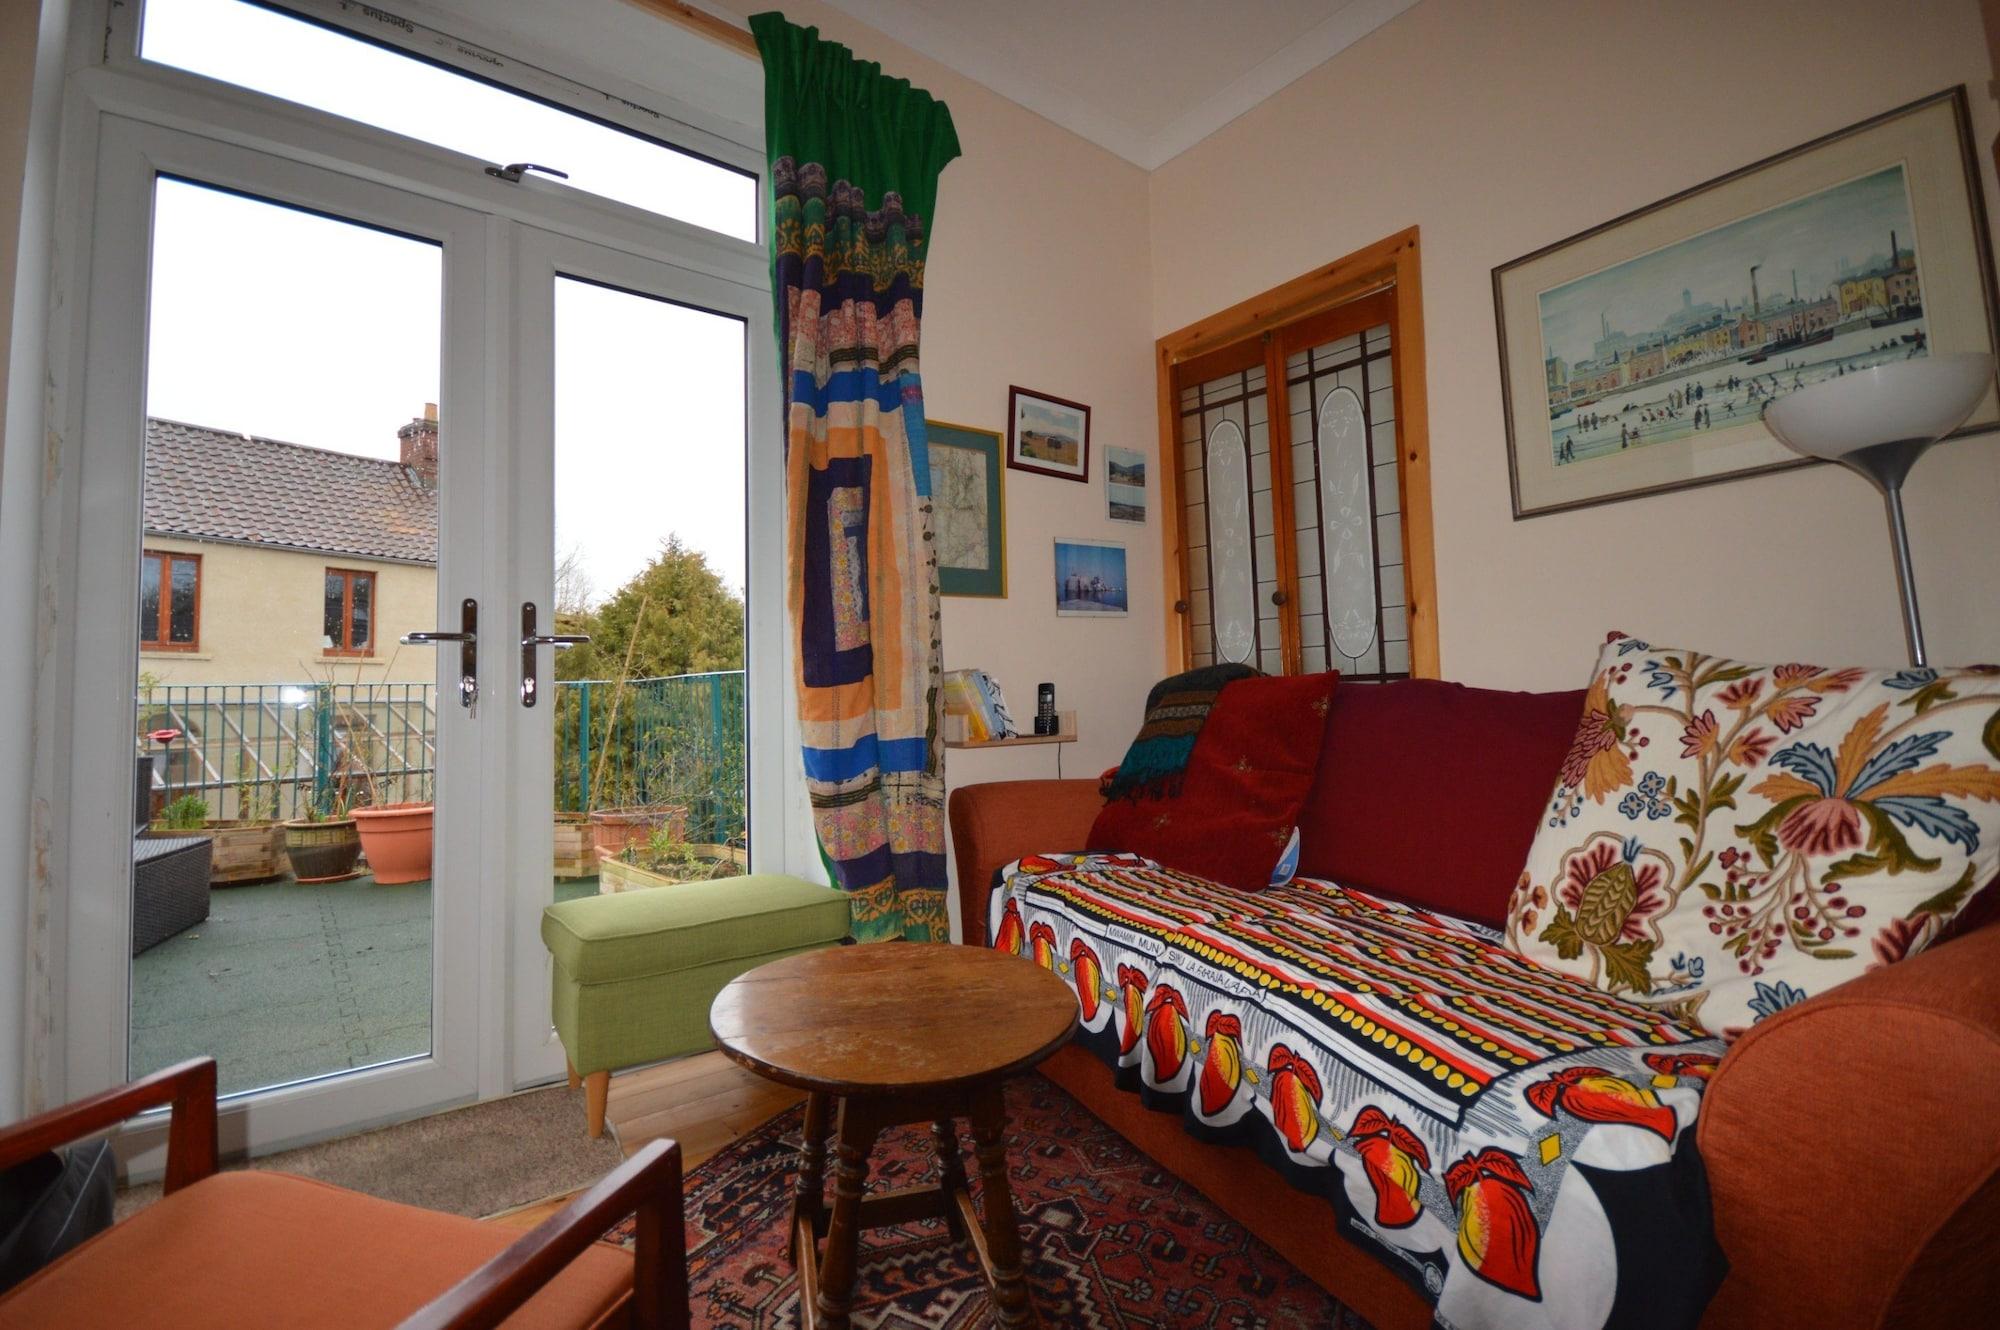 Beautiful 2 Bedroom House In St Werburgs, Bristol